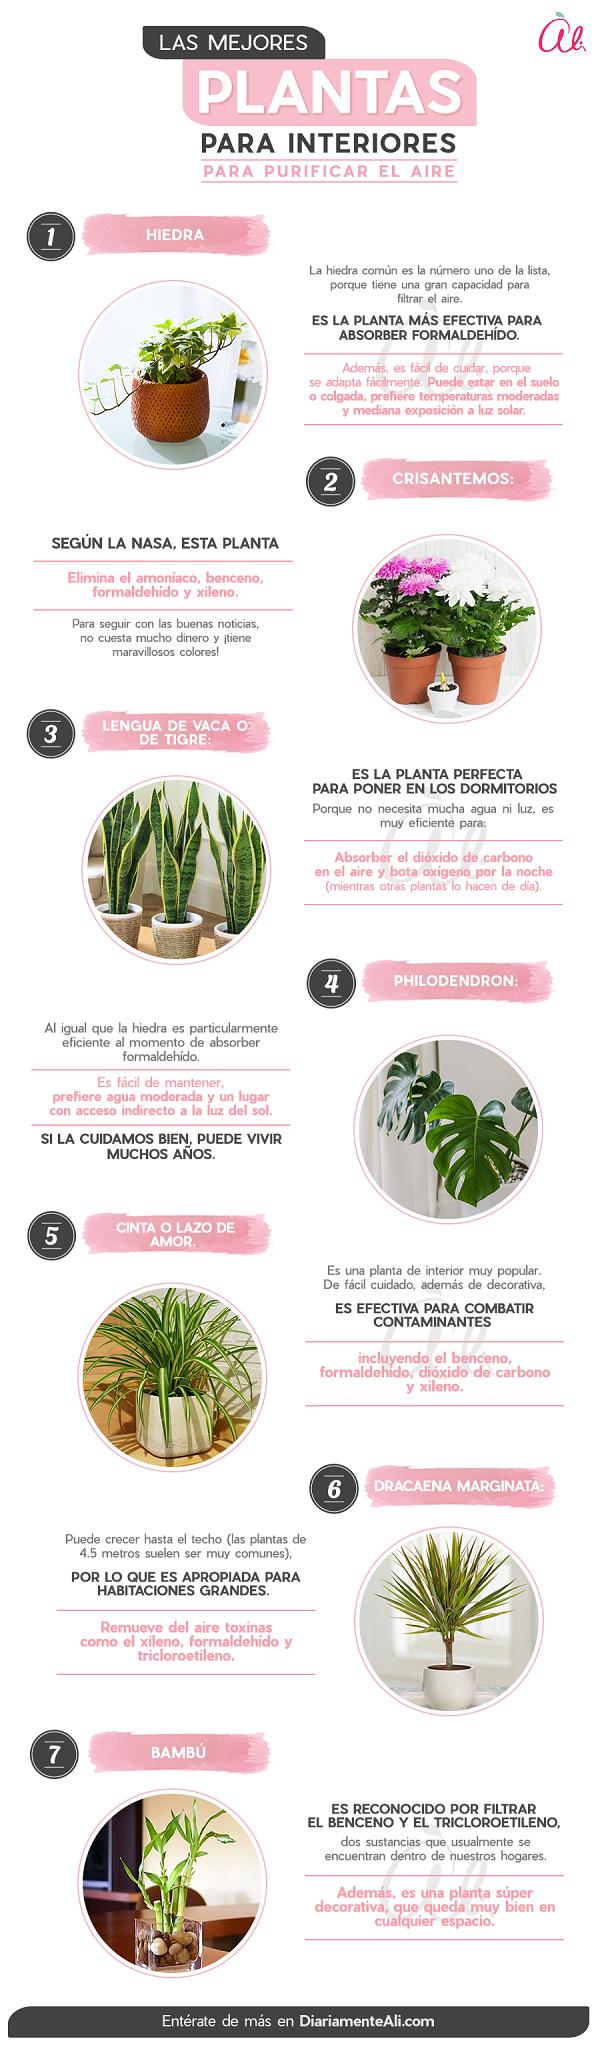 Plantas Para Interiores Purificadoras De Aire Jardineria Y Terraza Para Tu Casa Articulos Diariamente En 2020 Plantas Jardineria Y Plantas Plantas De Interior